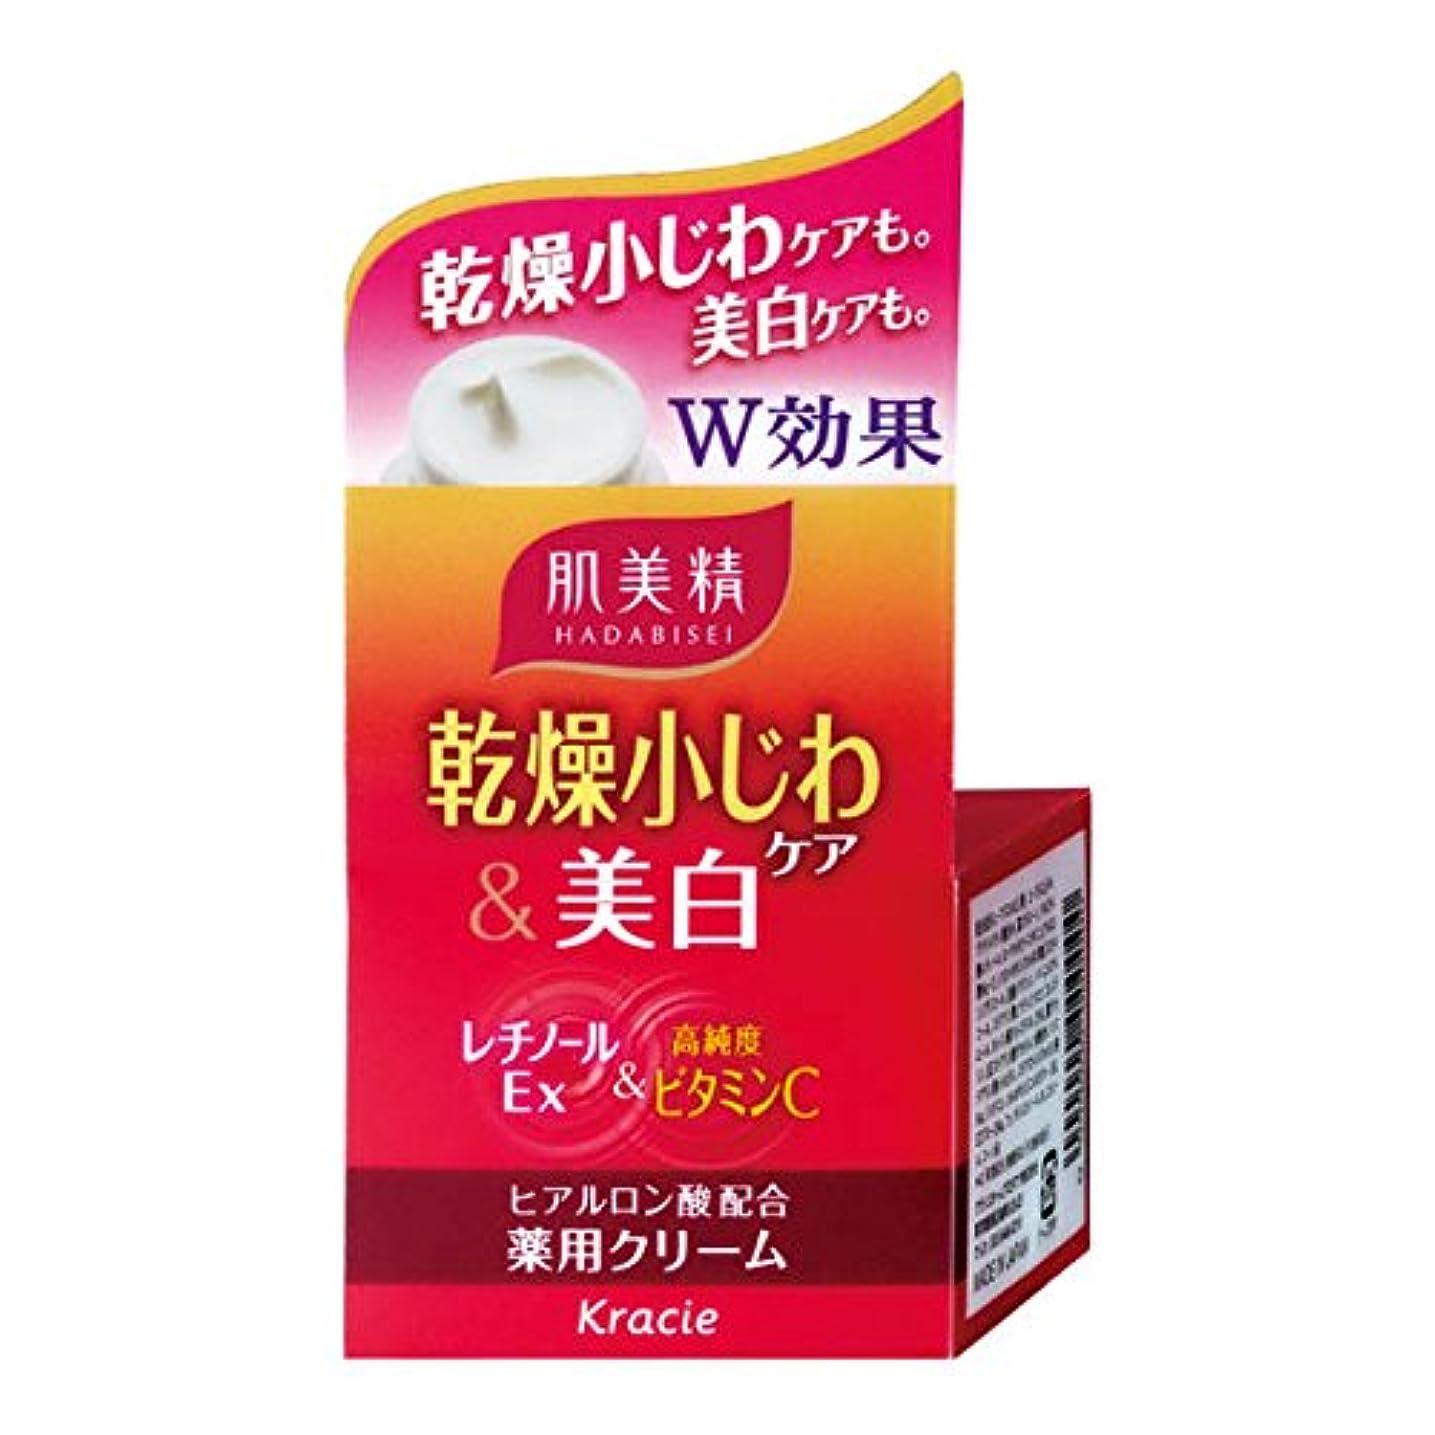 光シュリンク重さ肌美精 乾燥小じわケア&美白 薬用クリーム 50g 【医薬部外品】